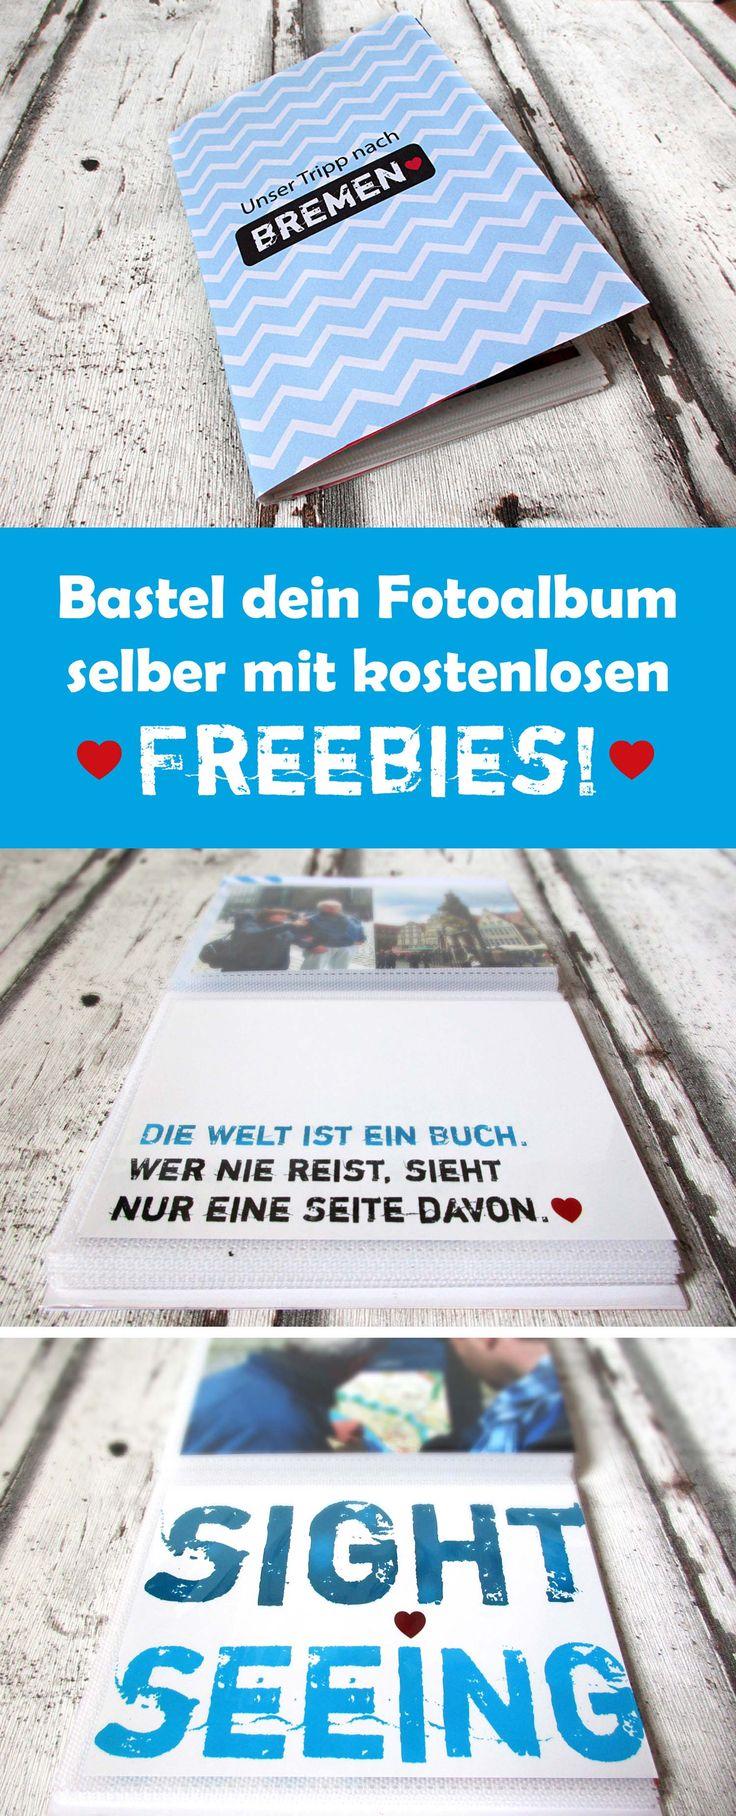 So kannst du dein #Fotoalbum ganz einfach selber #basteln - einfach Fotos aussuchen, Freebies ausdrucken und los geht´s! :) #scrapbooking